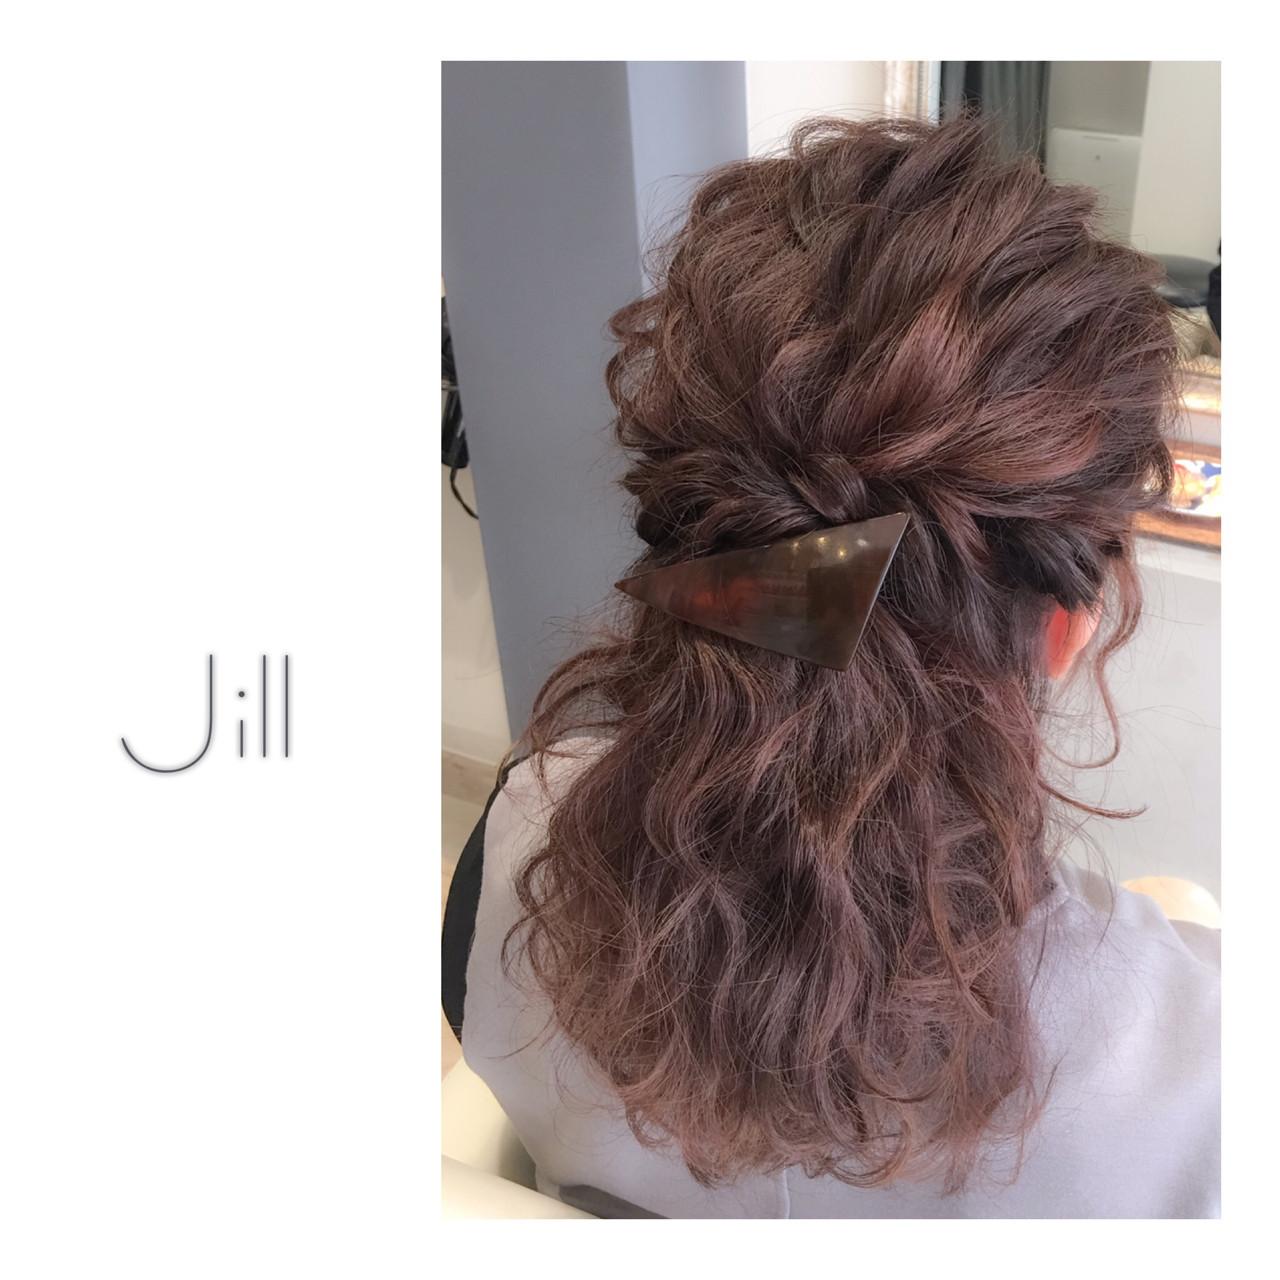 ショート ヘアアレンジ ハーフアップ 波ウェーブ ヘアスタイルや髪型の写真・画像